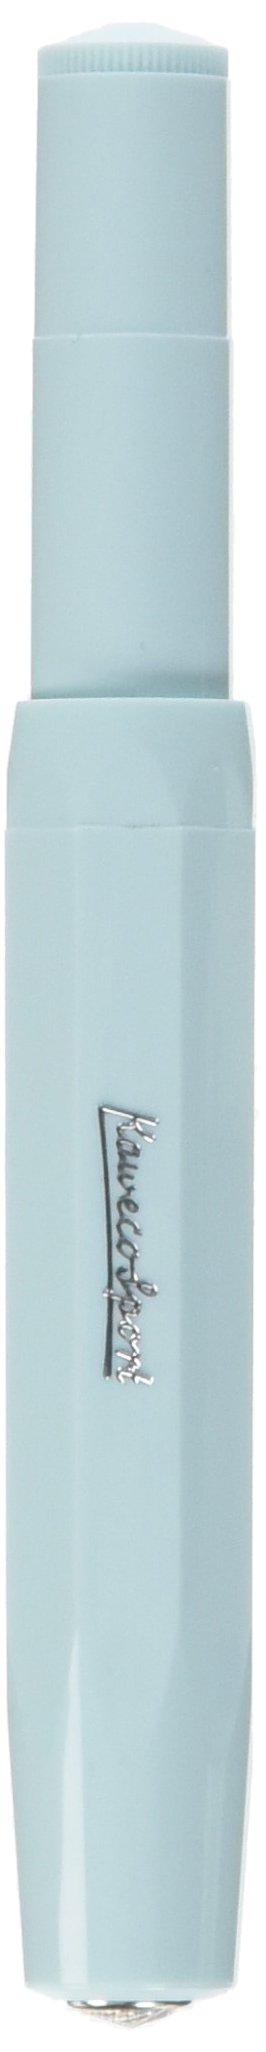 Kaweco SKYLINE Sport Fountain Pen Mint, Extra-Fine Nib